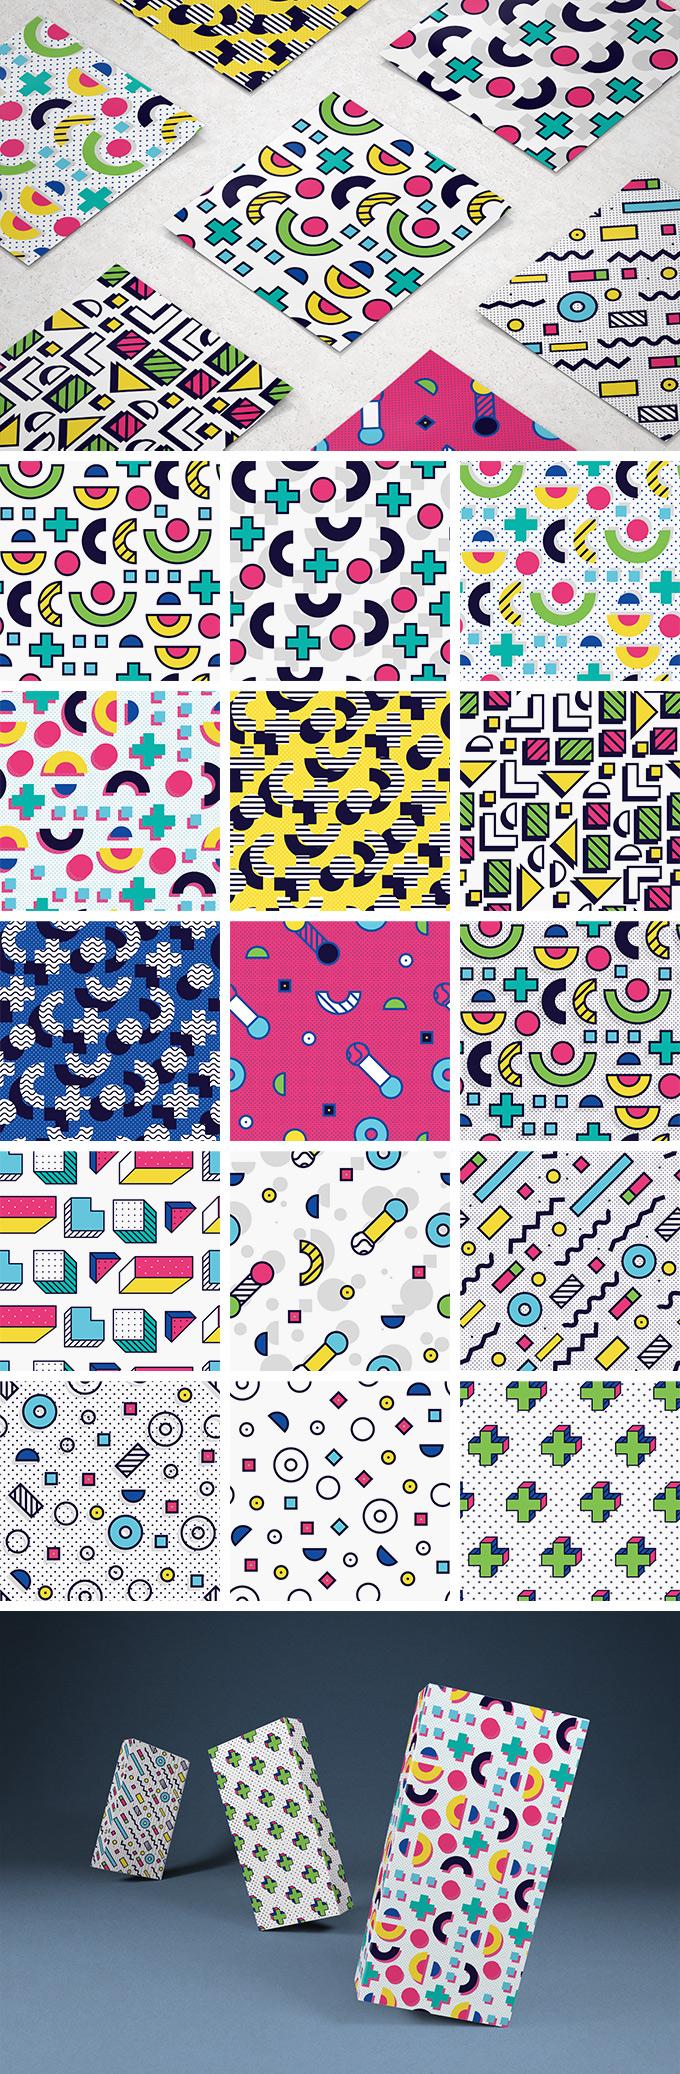 8-bit Memphis Patterns Pack